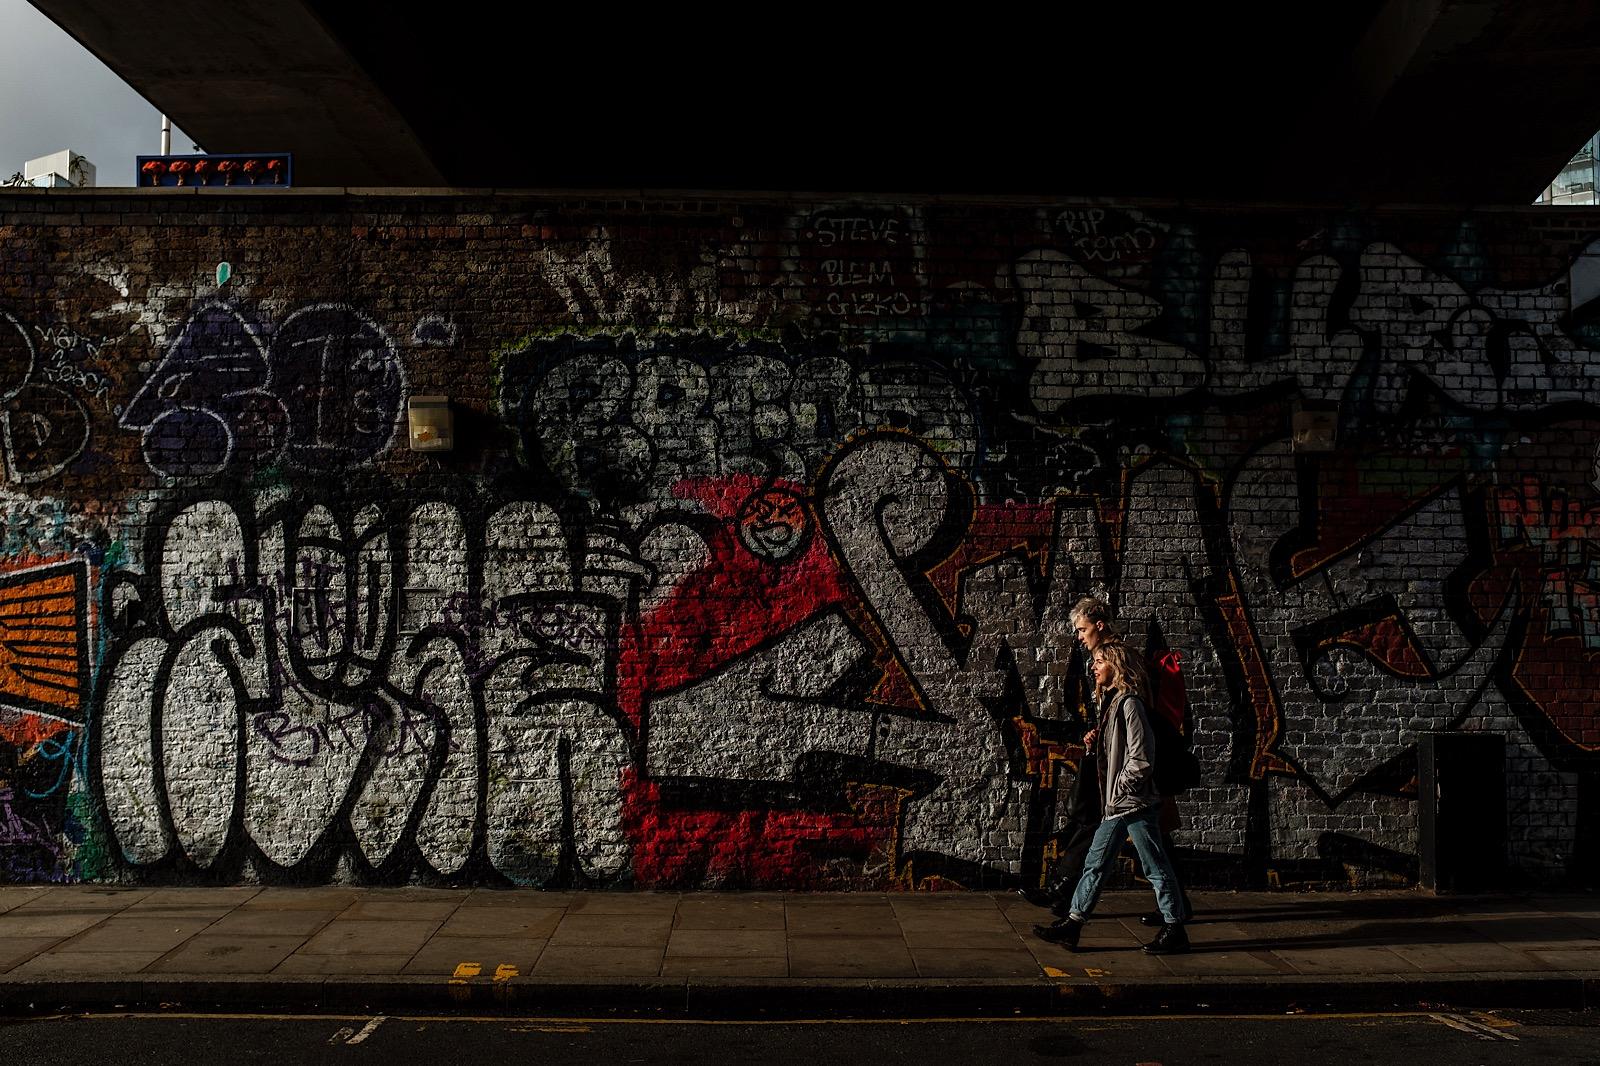 Couple walking in front of Street Art in London